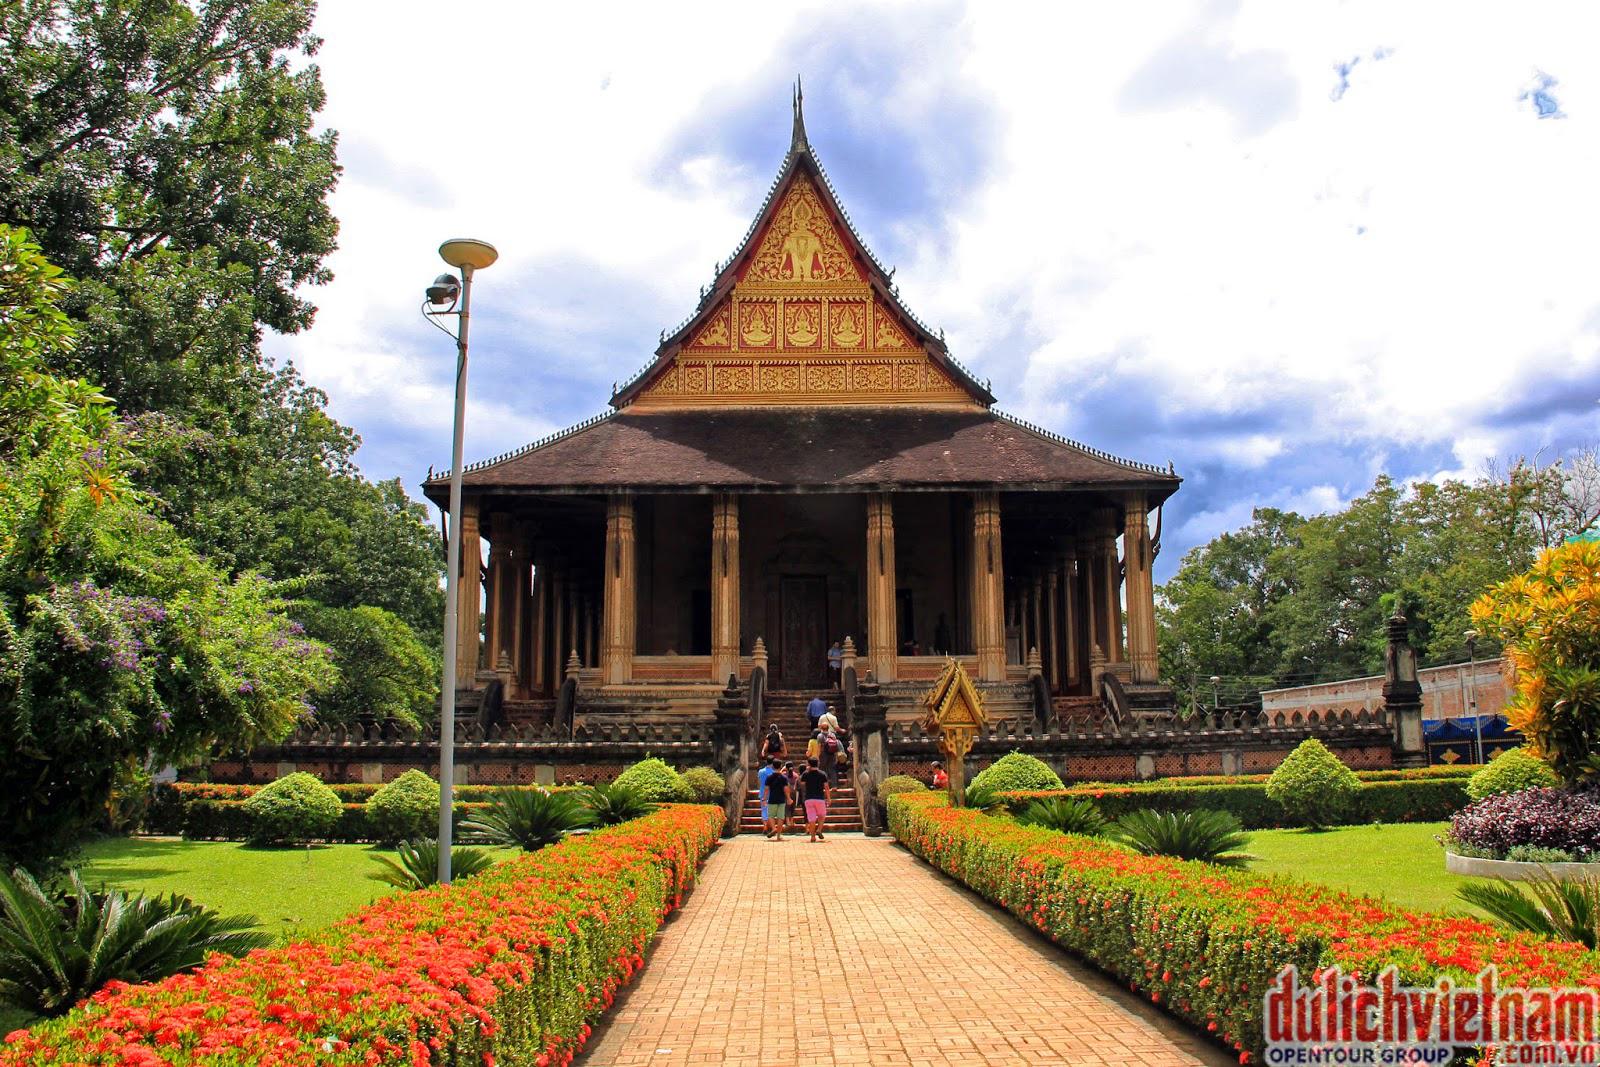 Ho Pha Keo - ngôi đền tiền triều nơi lưu giữ Ngọc Lục bảo quý giá của Phật từ thuở ban sơ của triều vua Lane Xang